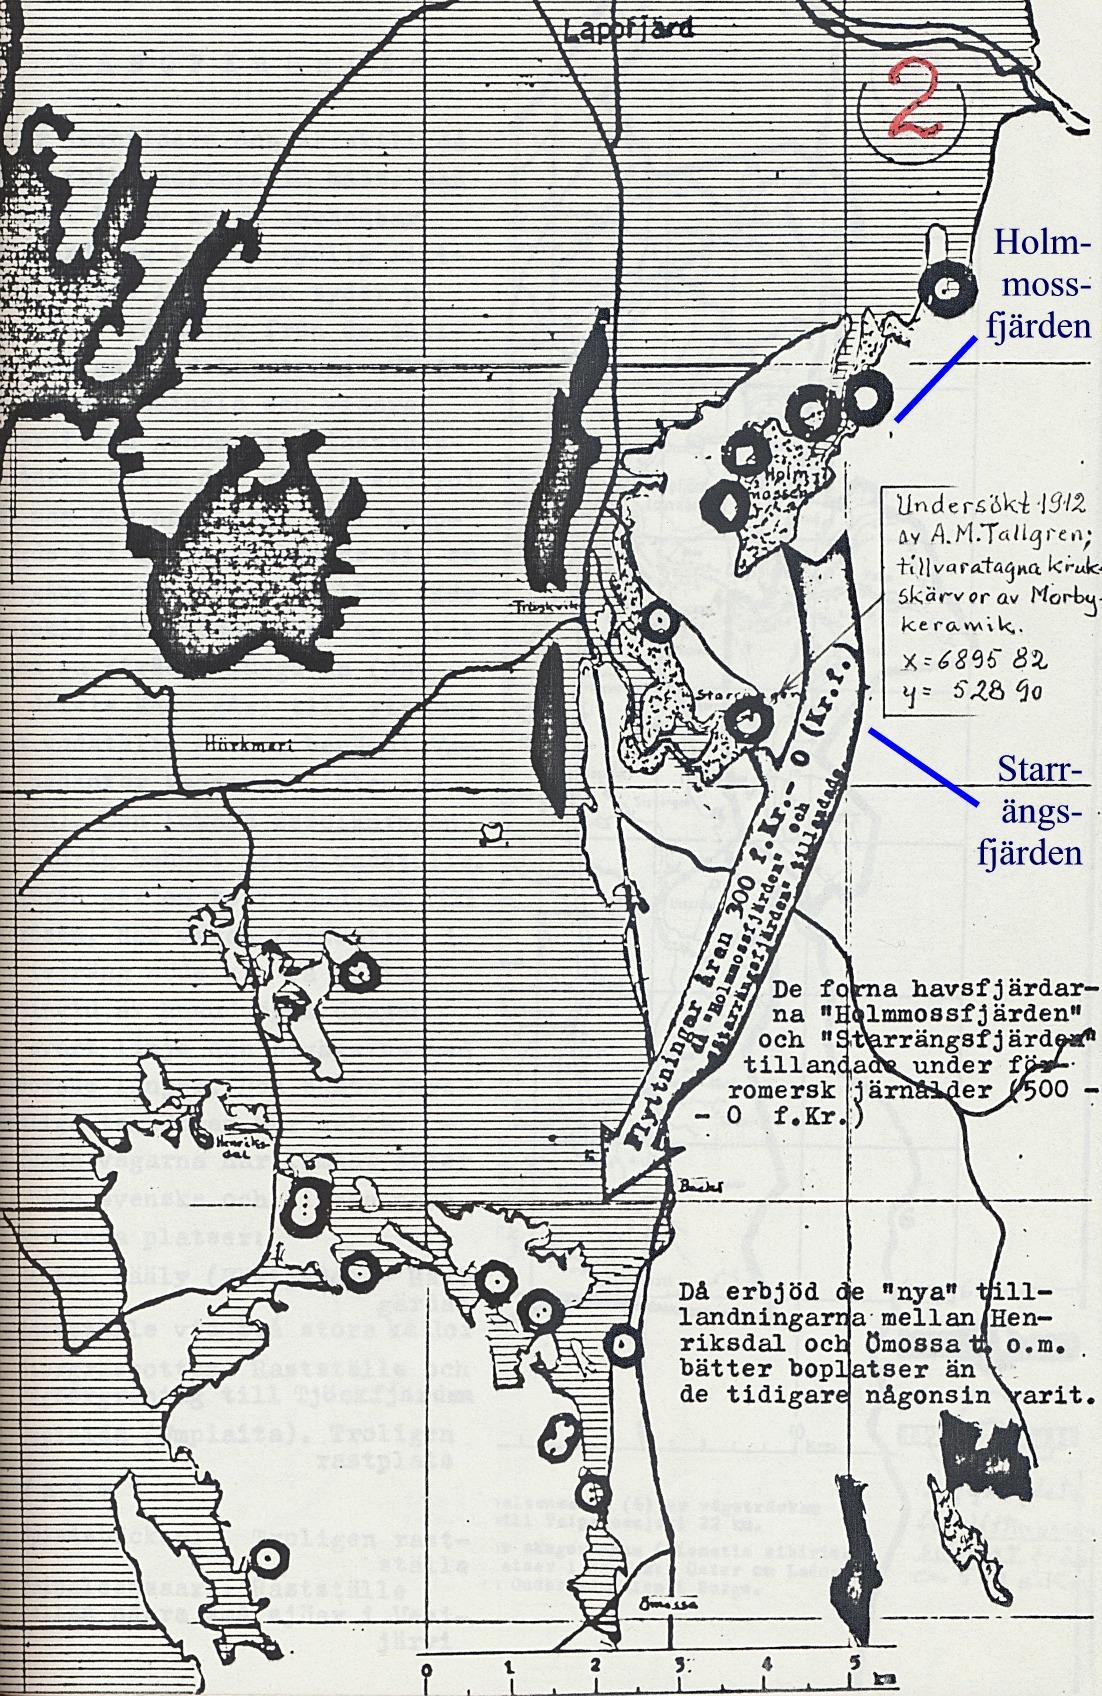 På Rurik Nylunds karta från 500 f. Kr så ser vi att så gott som hela Lappfjärd och Härkmeri täcks av vatten, medan delar av Henriksdal och Ömossa börjar bli synliga. Starrängen och Holmmossen  börjar också torka ut.